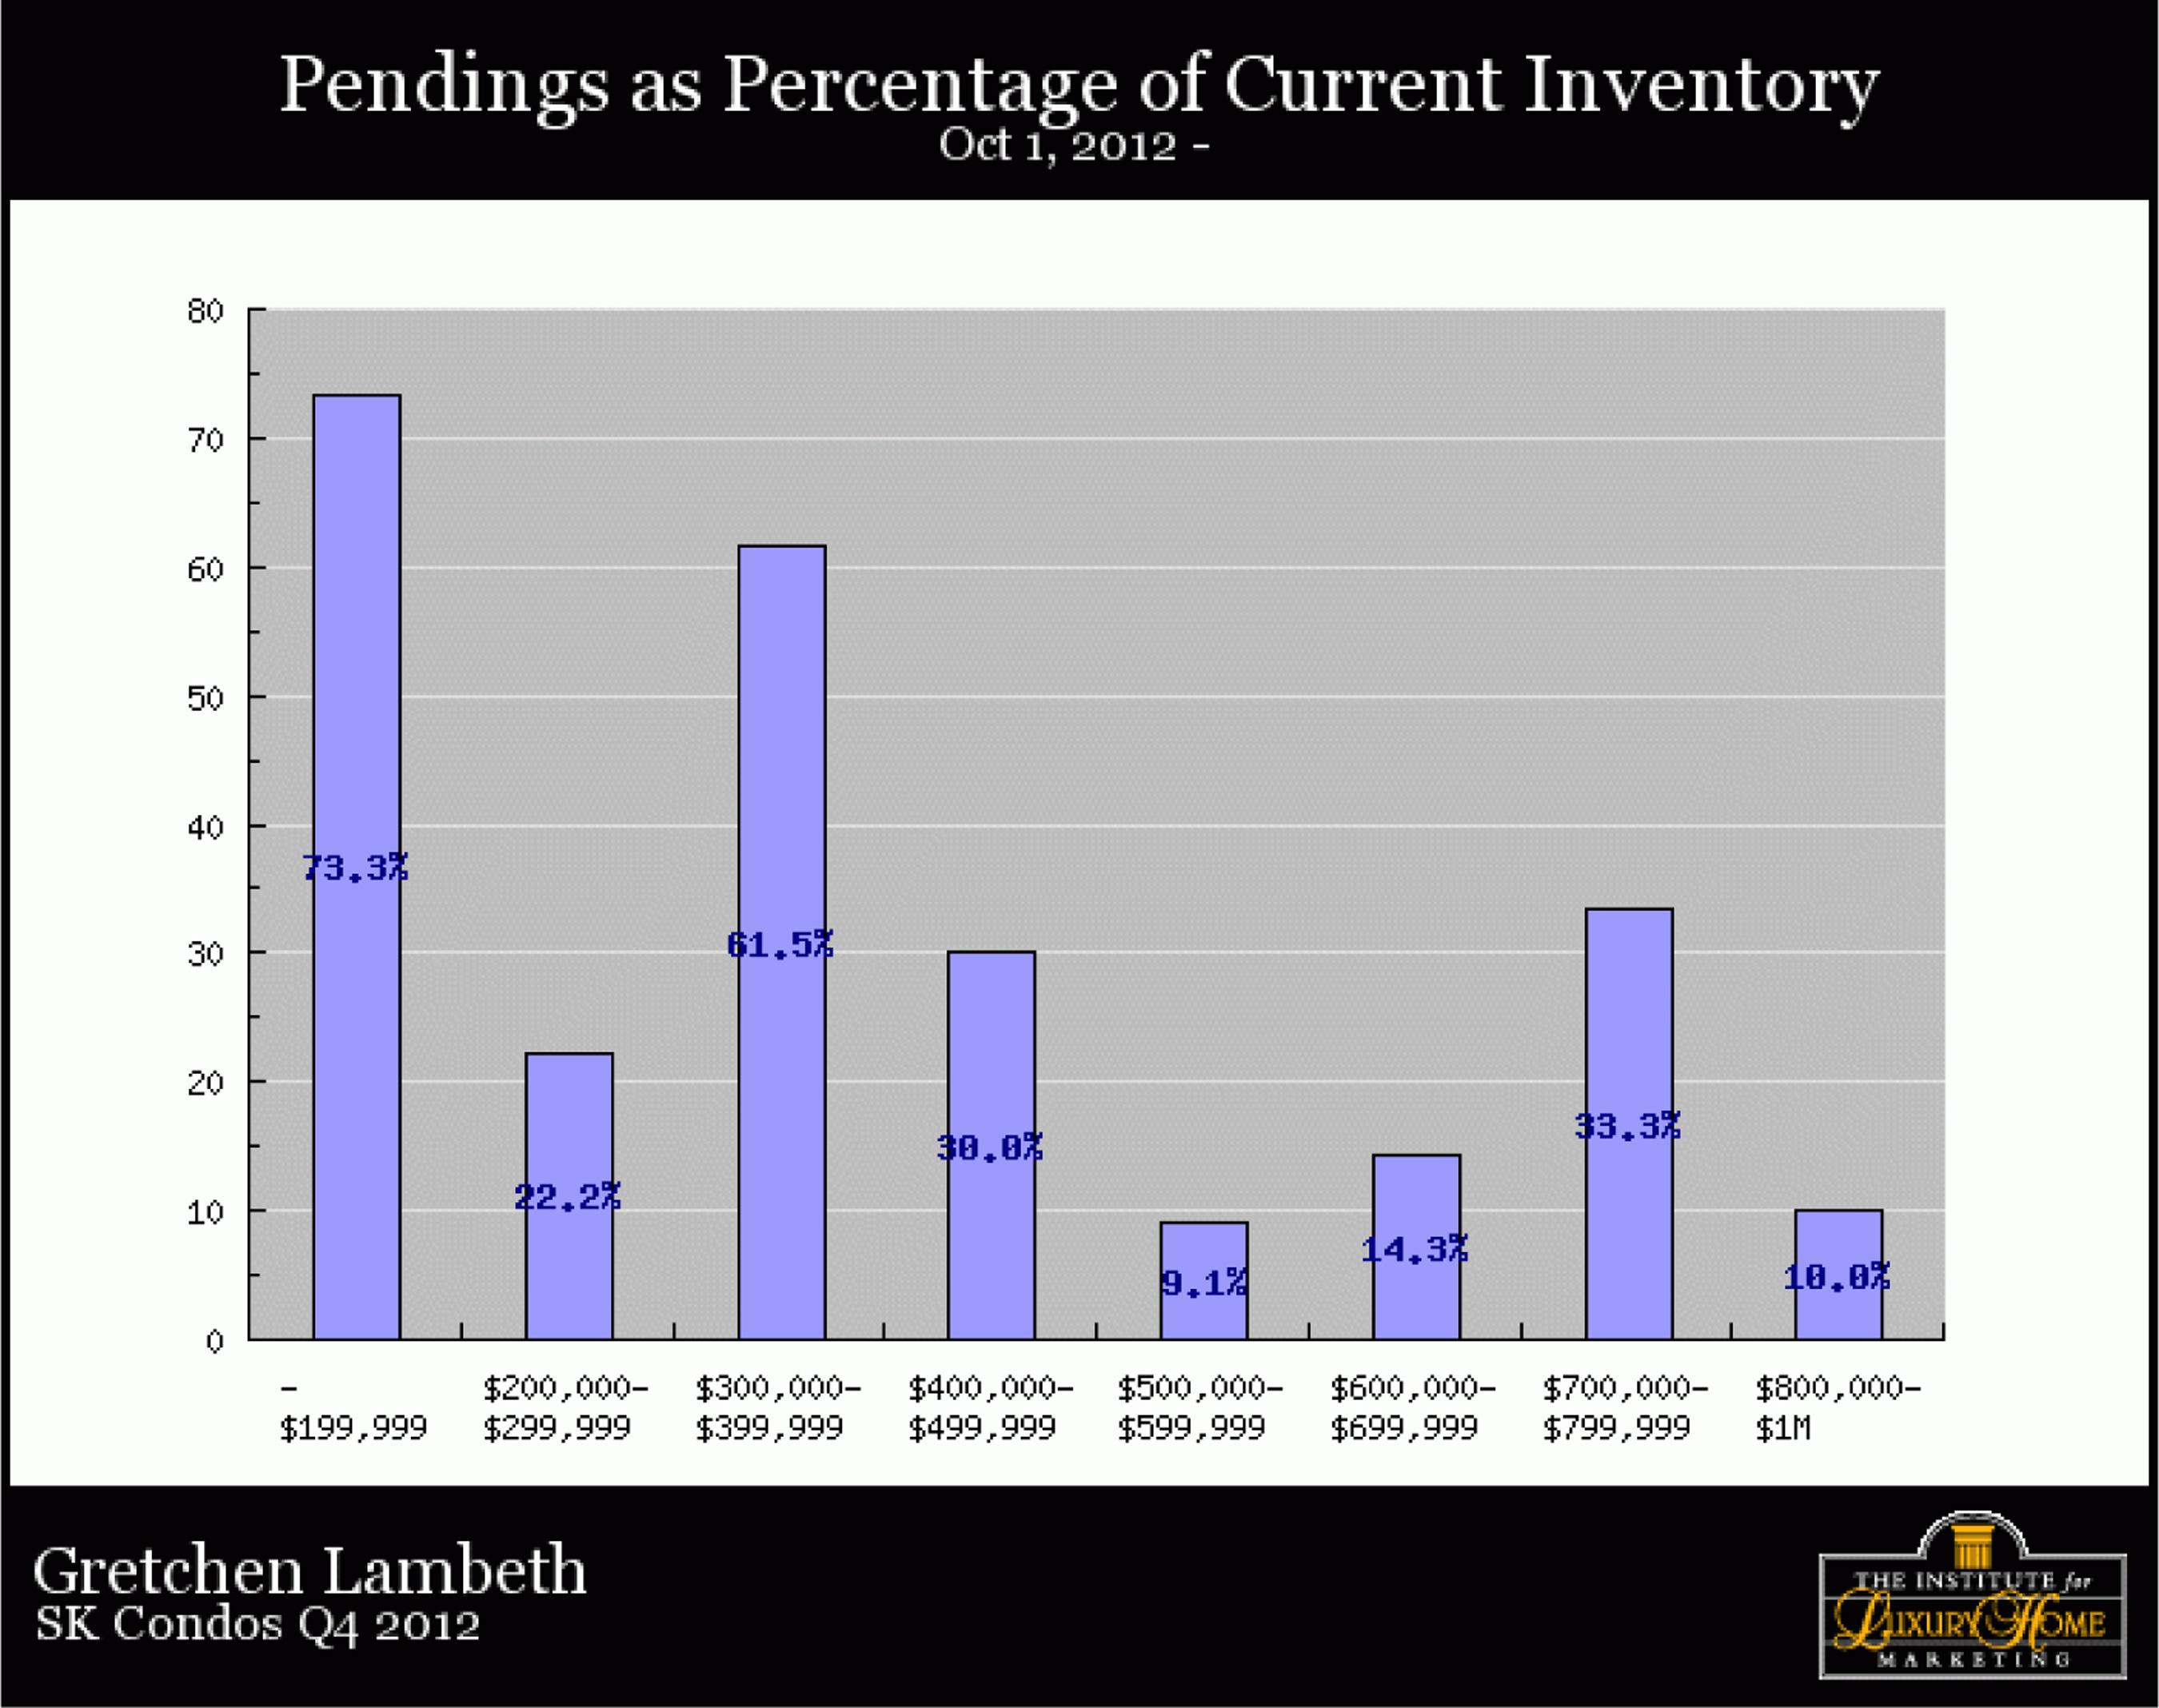 SK-Condos-Q4-2012-pendingspercentofcurrentinventory